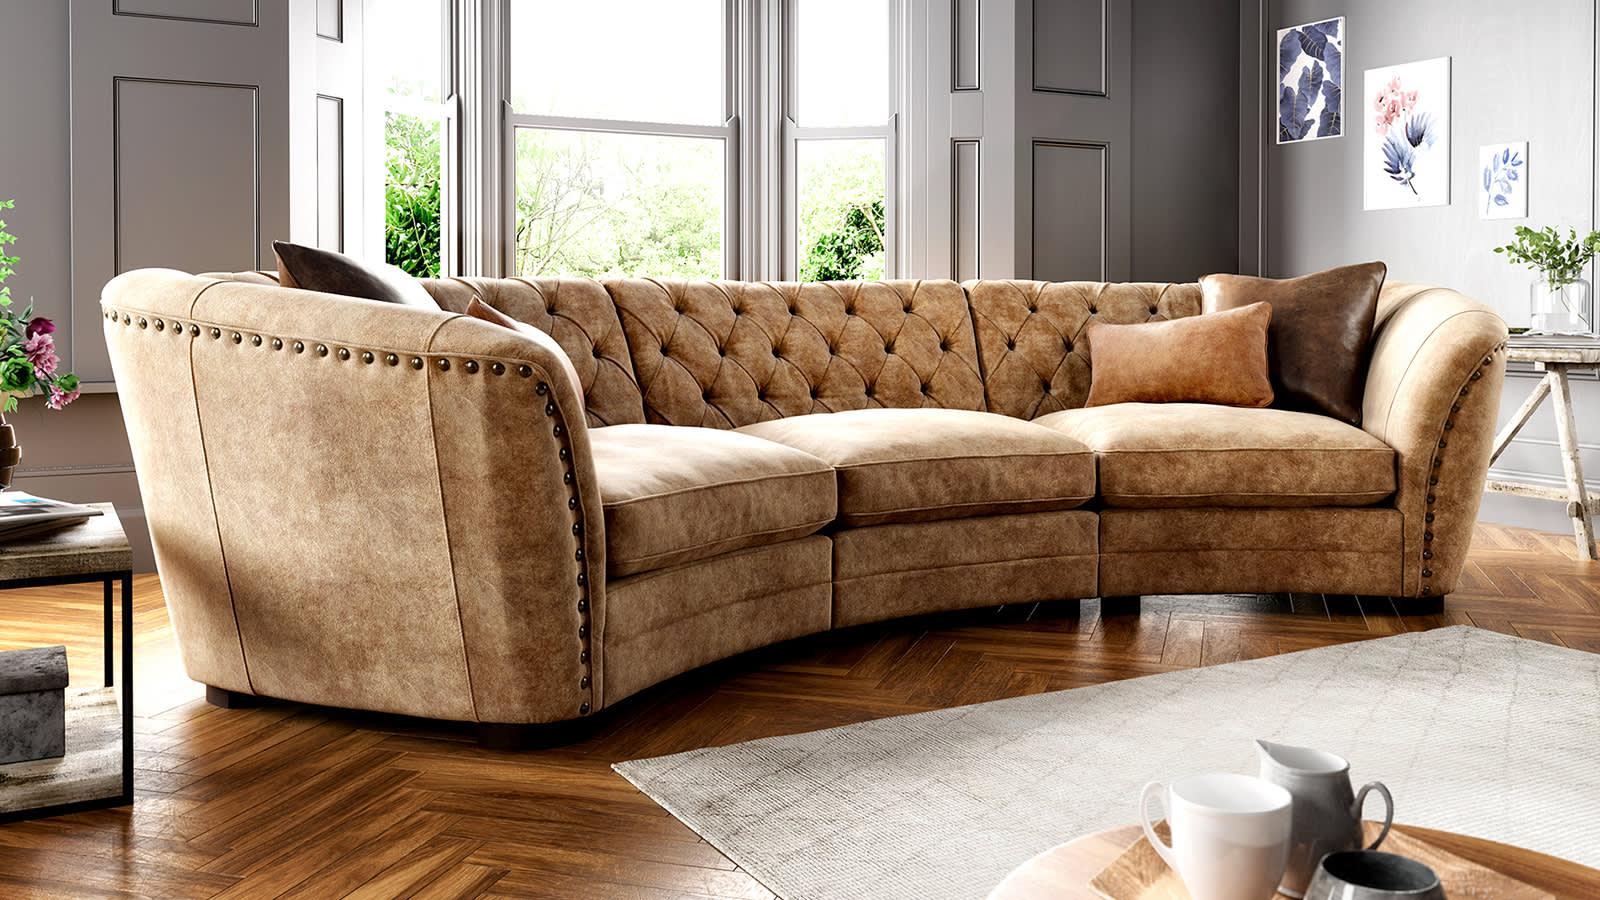 Sofology Bronco sofa